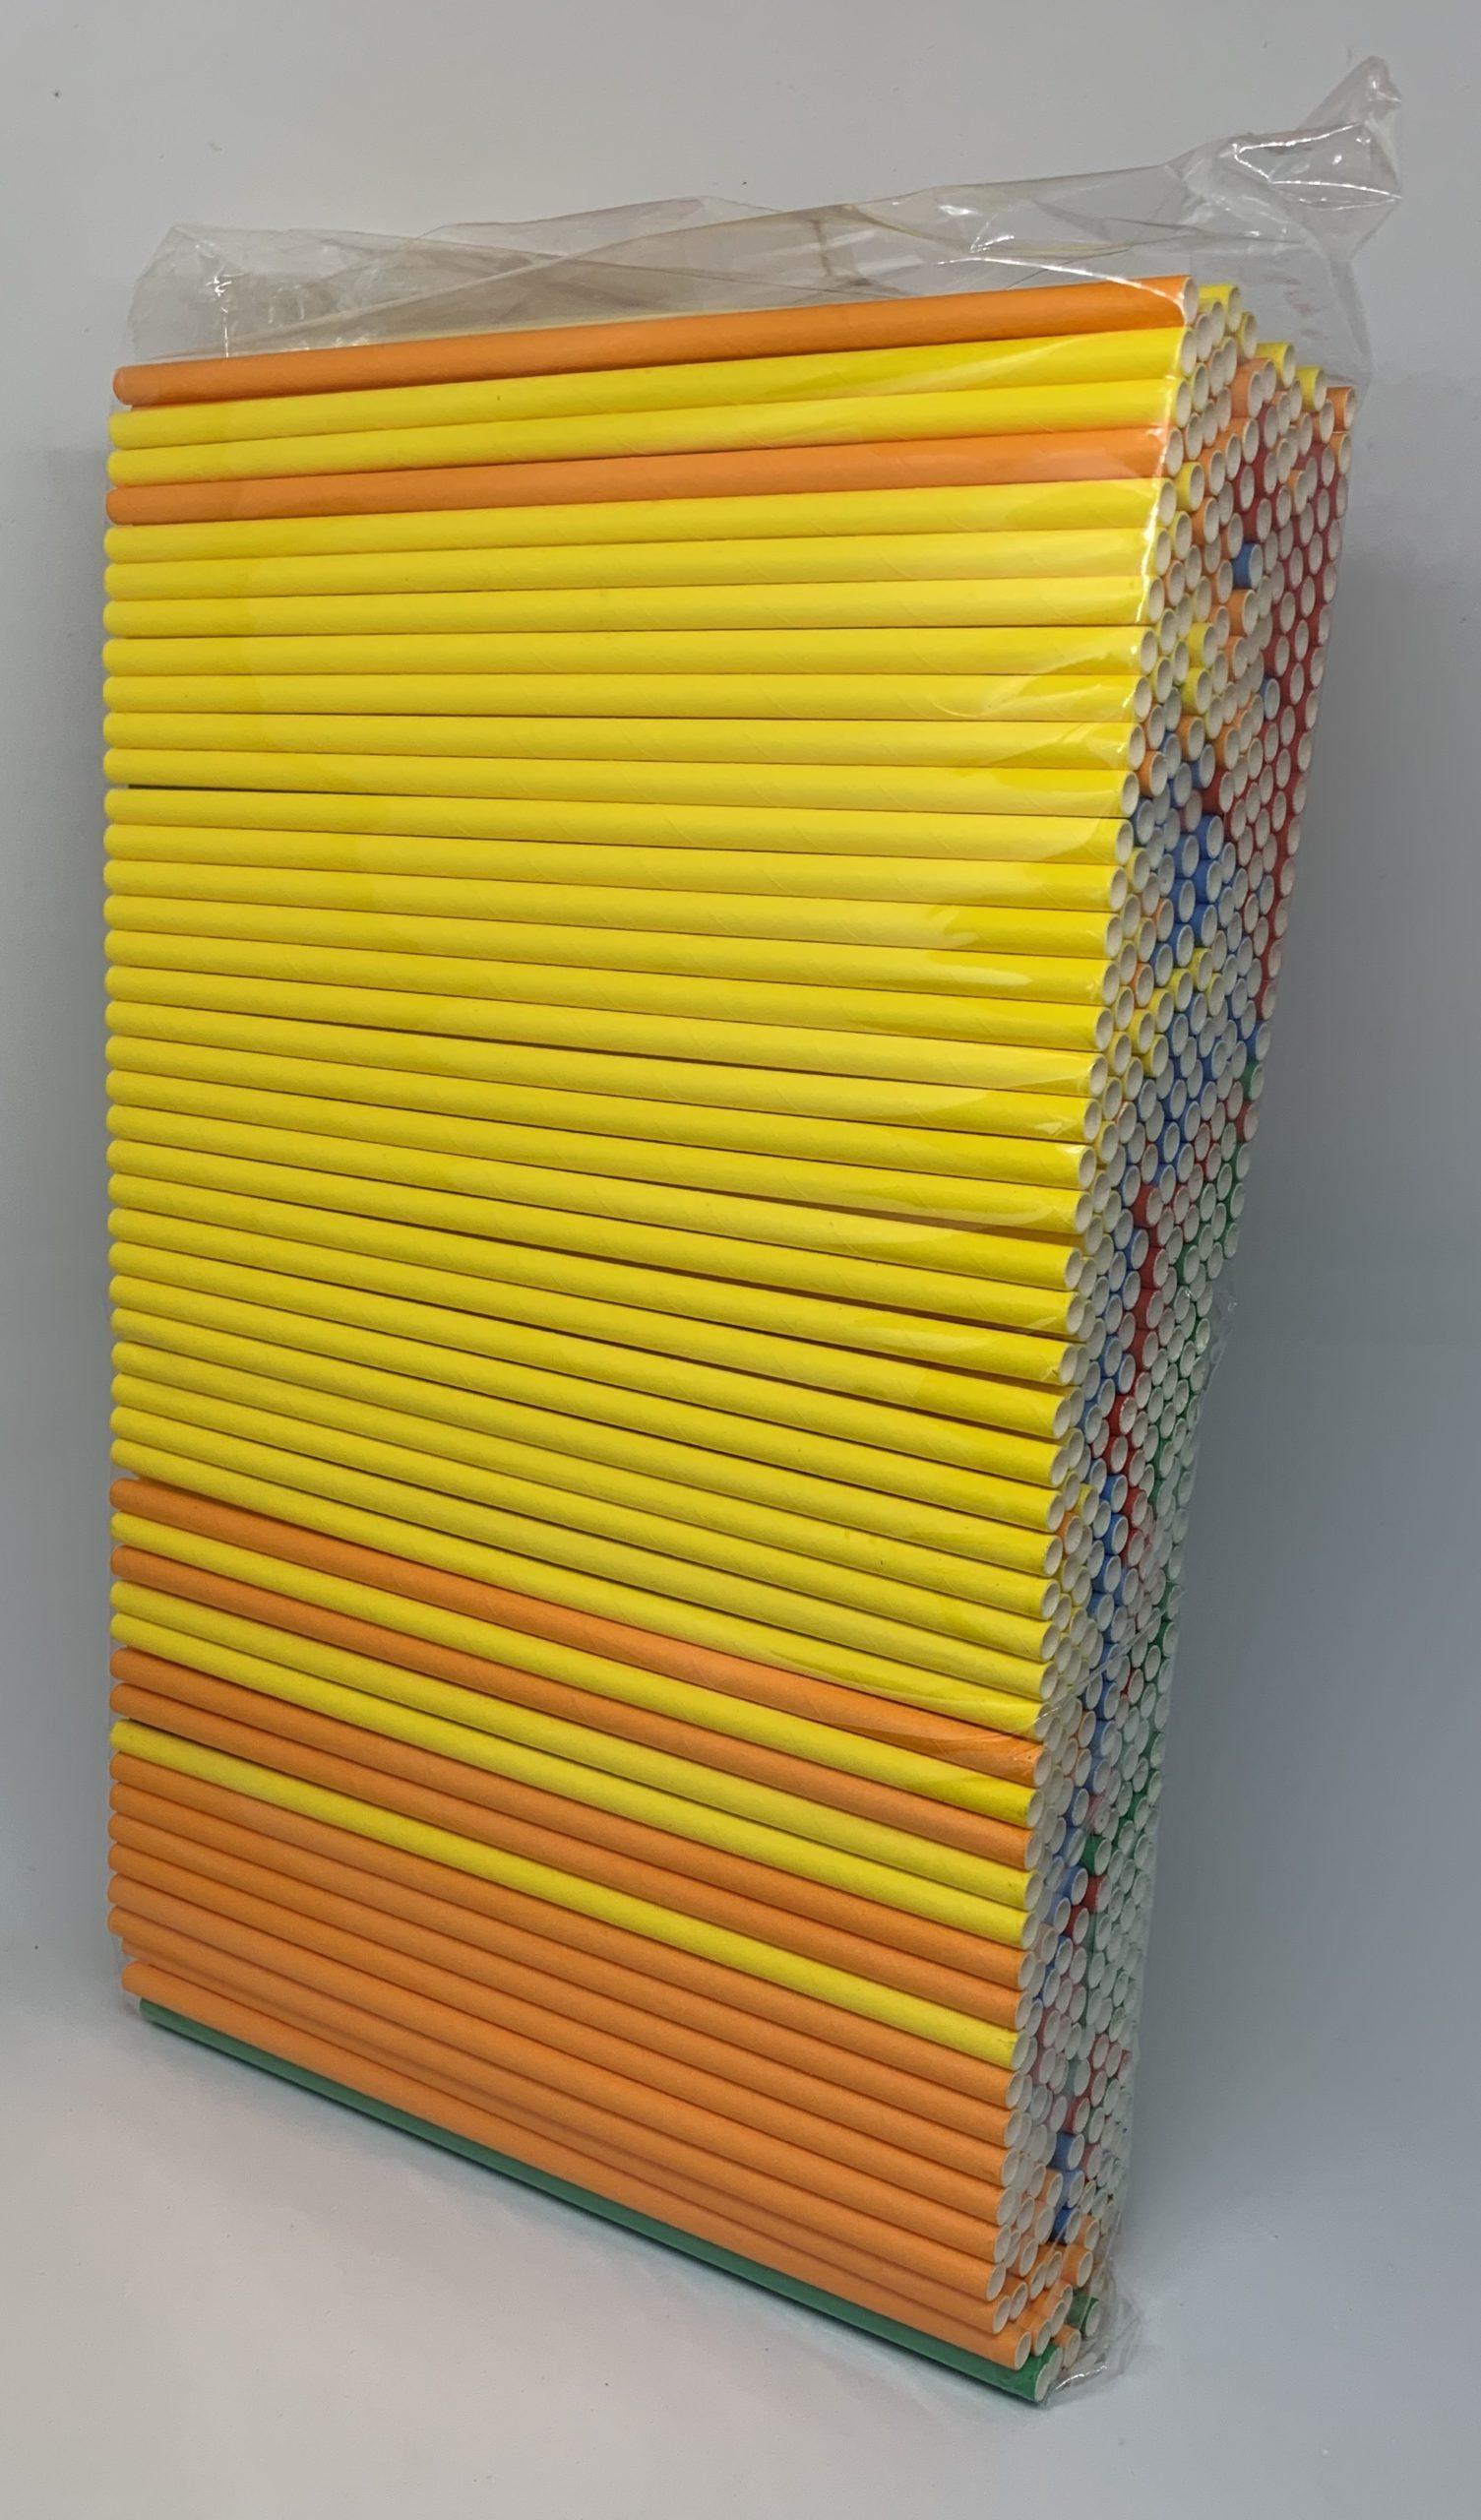 Kleurenmix papieren rietjes, 6 mm doorsnede en 20 cm lang zak